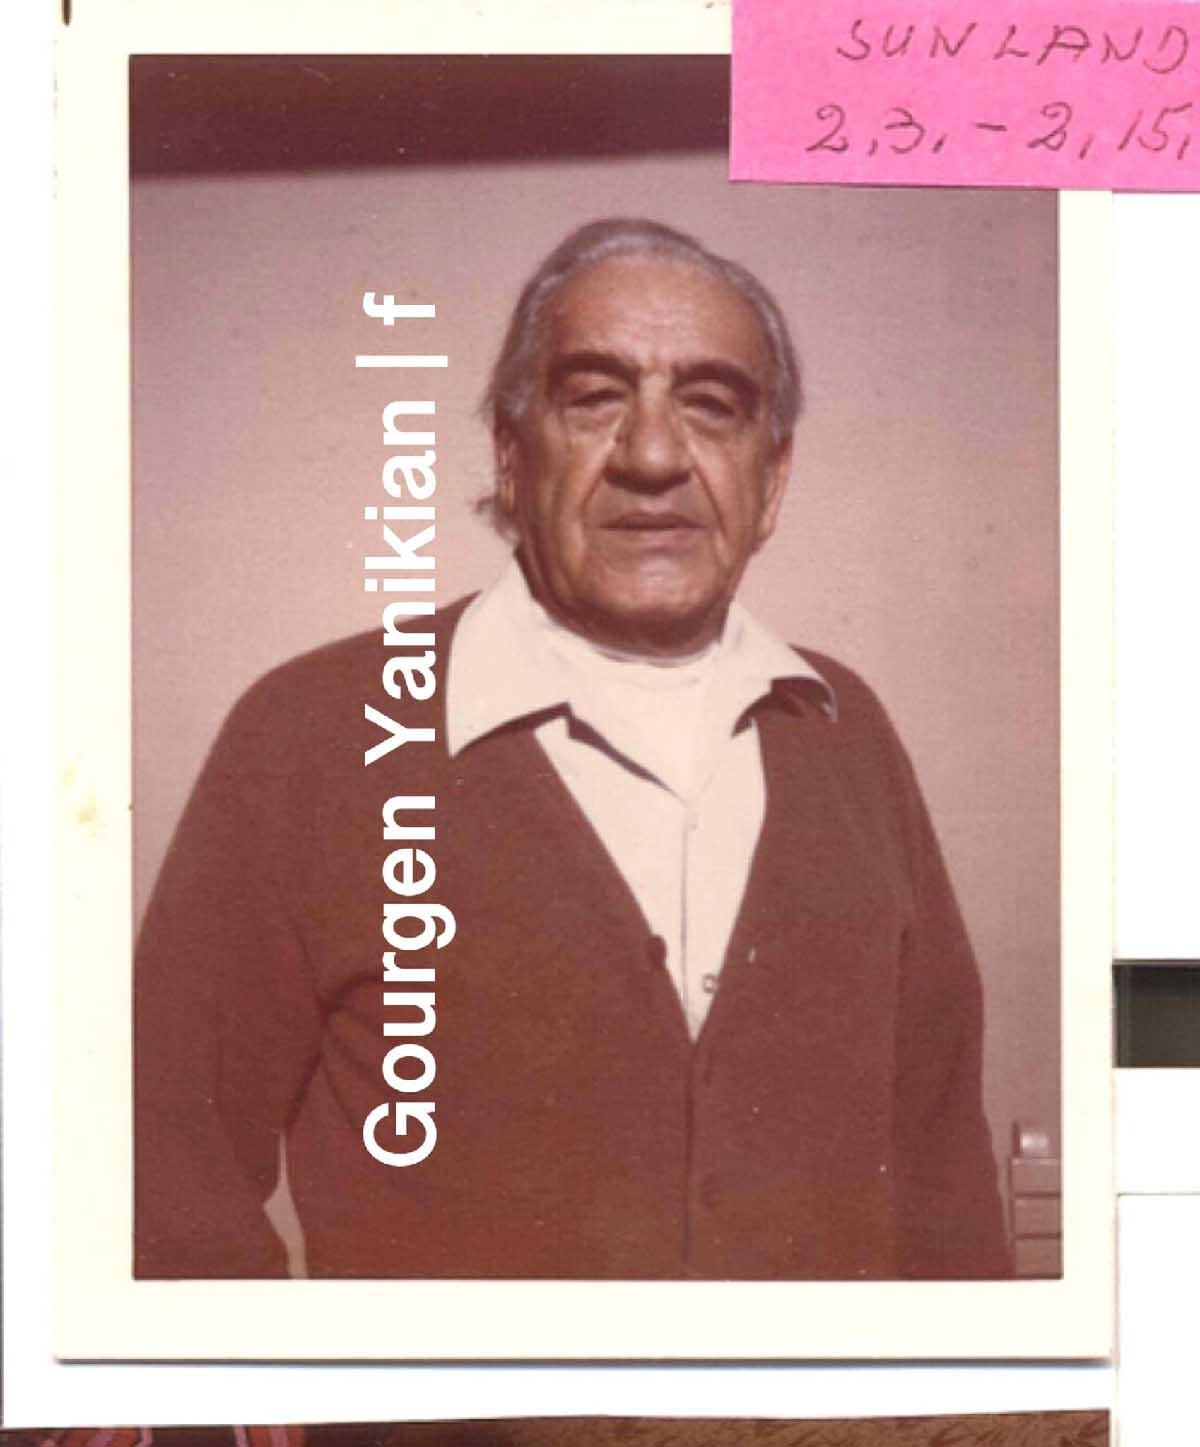 Գուրգեն Յանիկյան, 1984թ․ / ԿԱՐԵՒՈՐ ԱՆՑՔԵՐ ՅԱՆԻԿՅԱՆԻ ԴԱՏԱՎԱՐՈՒԹՅՈՒՆԻՑ